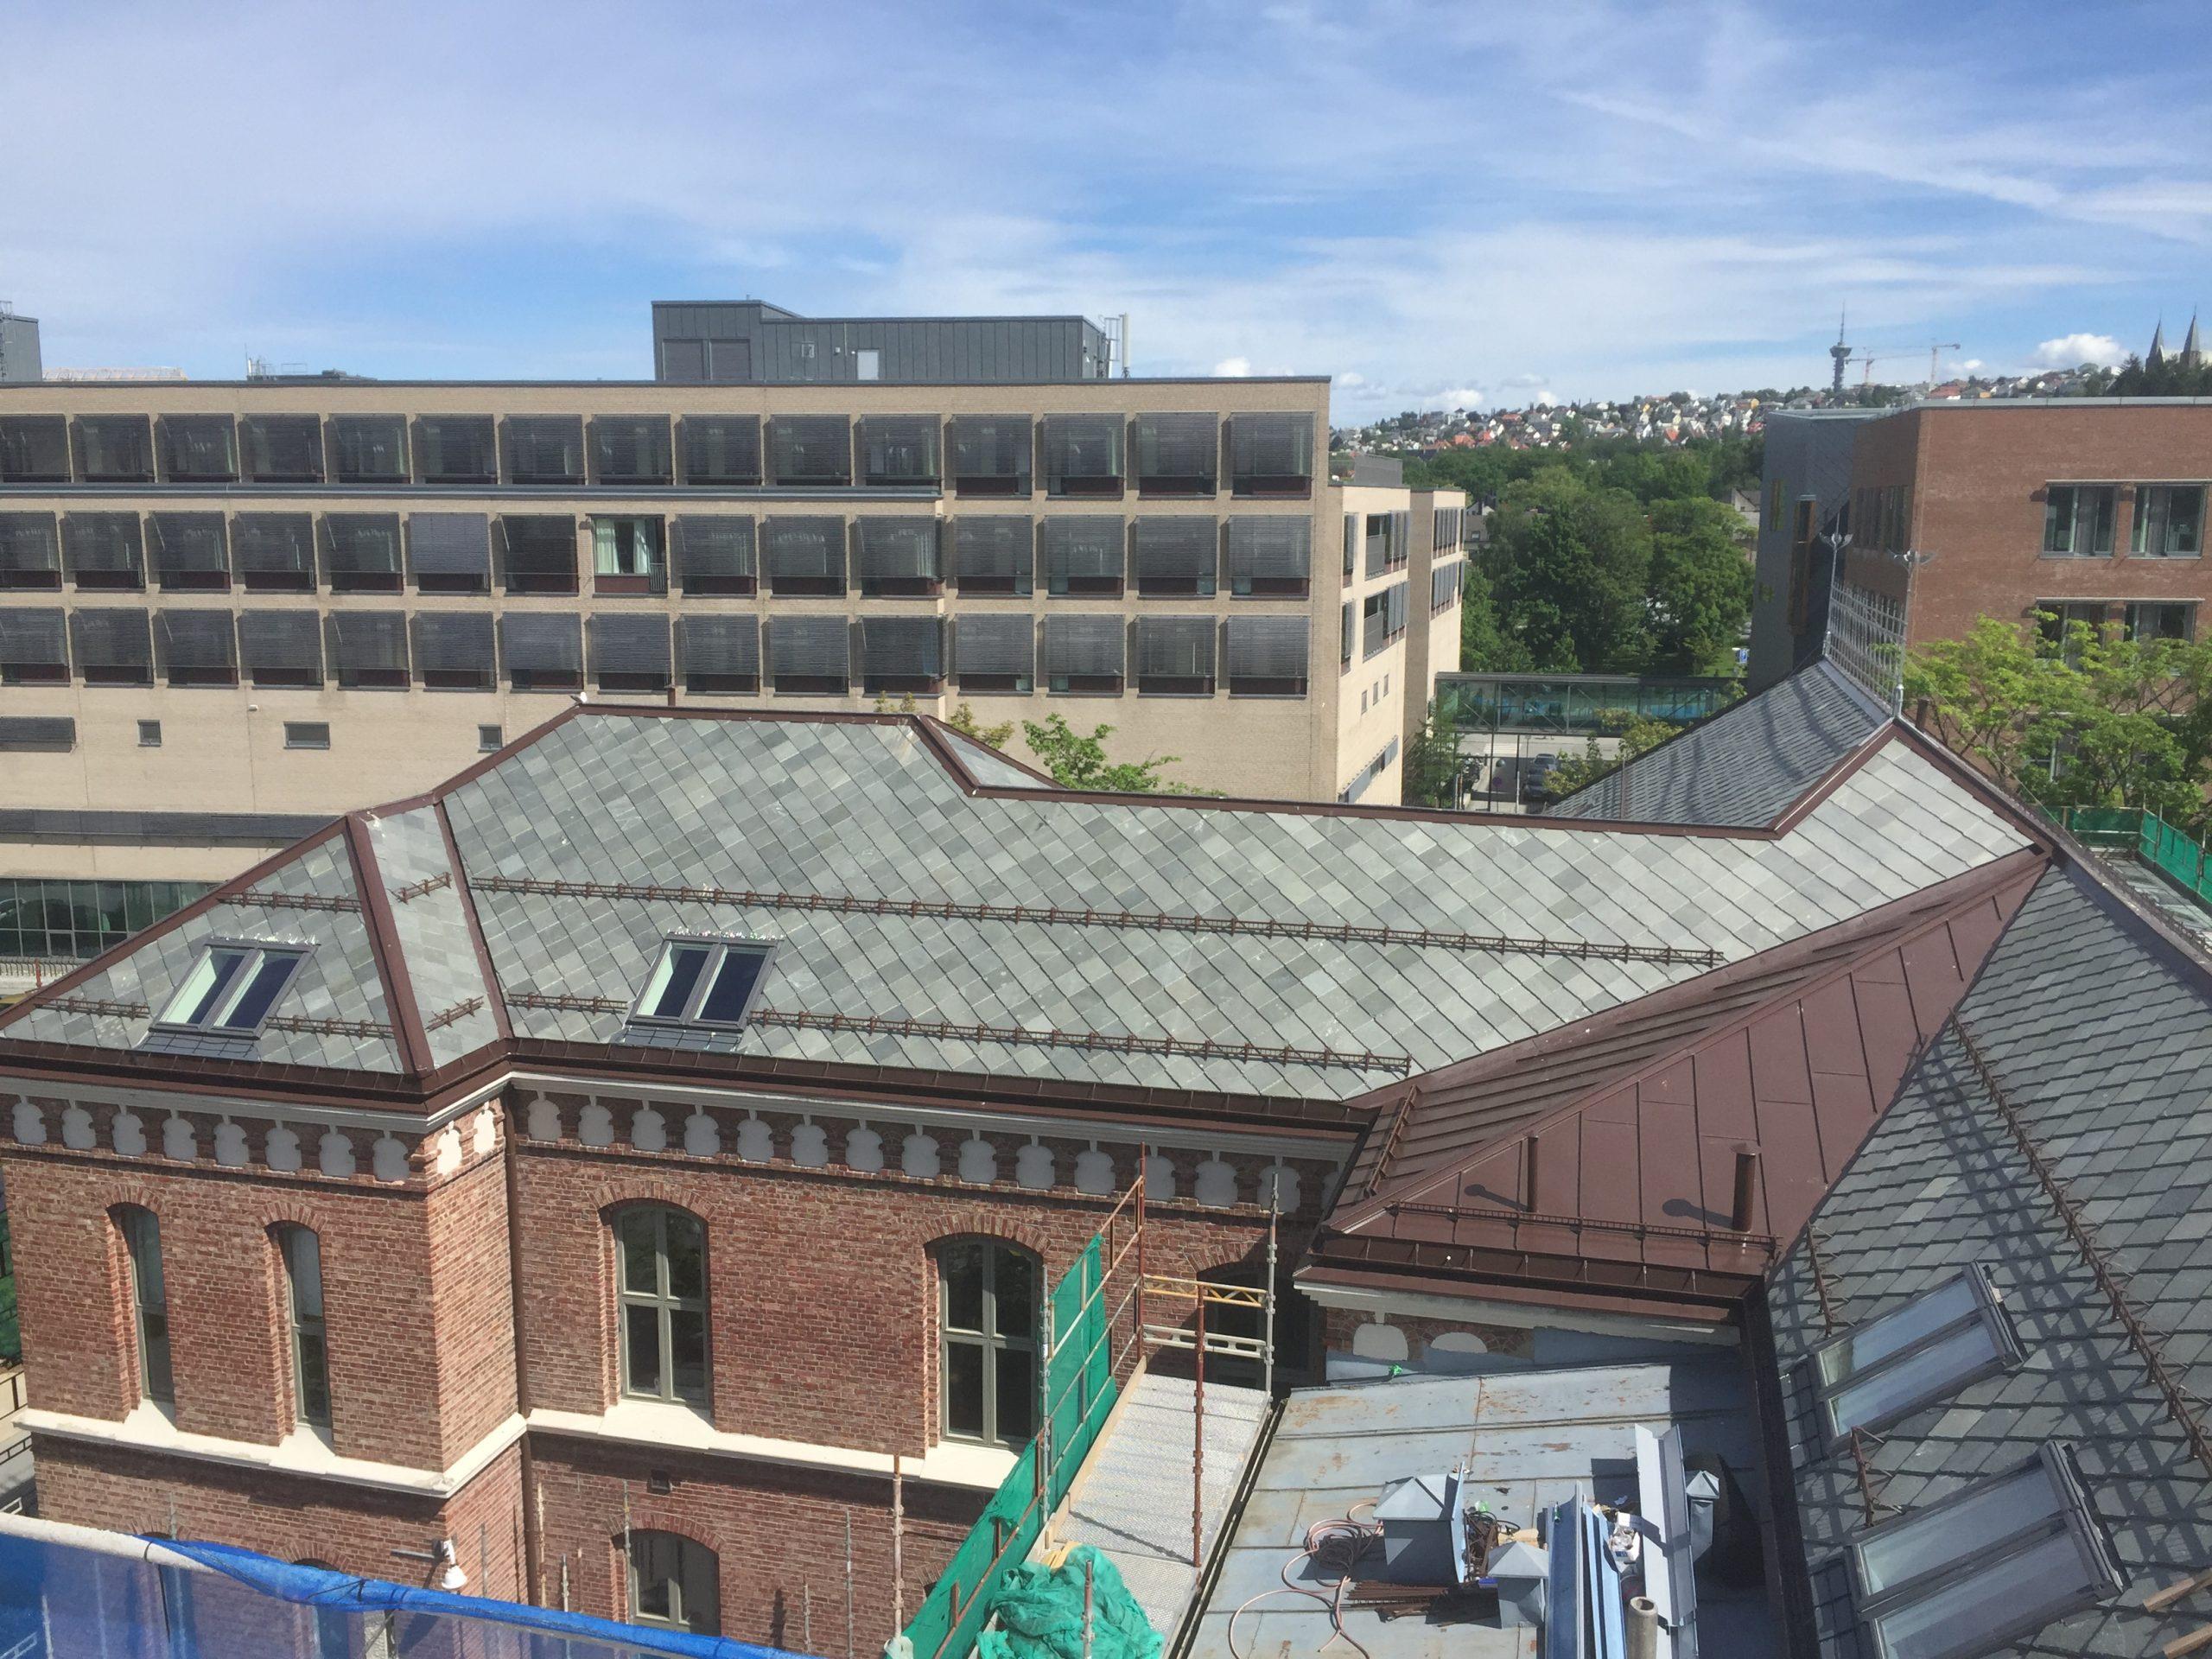 1902-bygget rehabilitering av tak